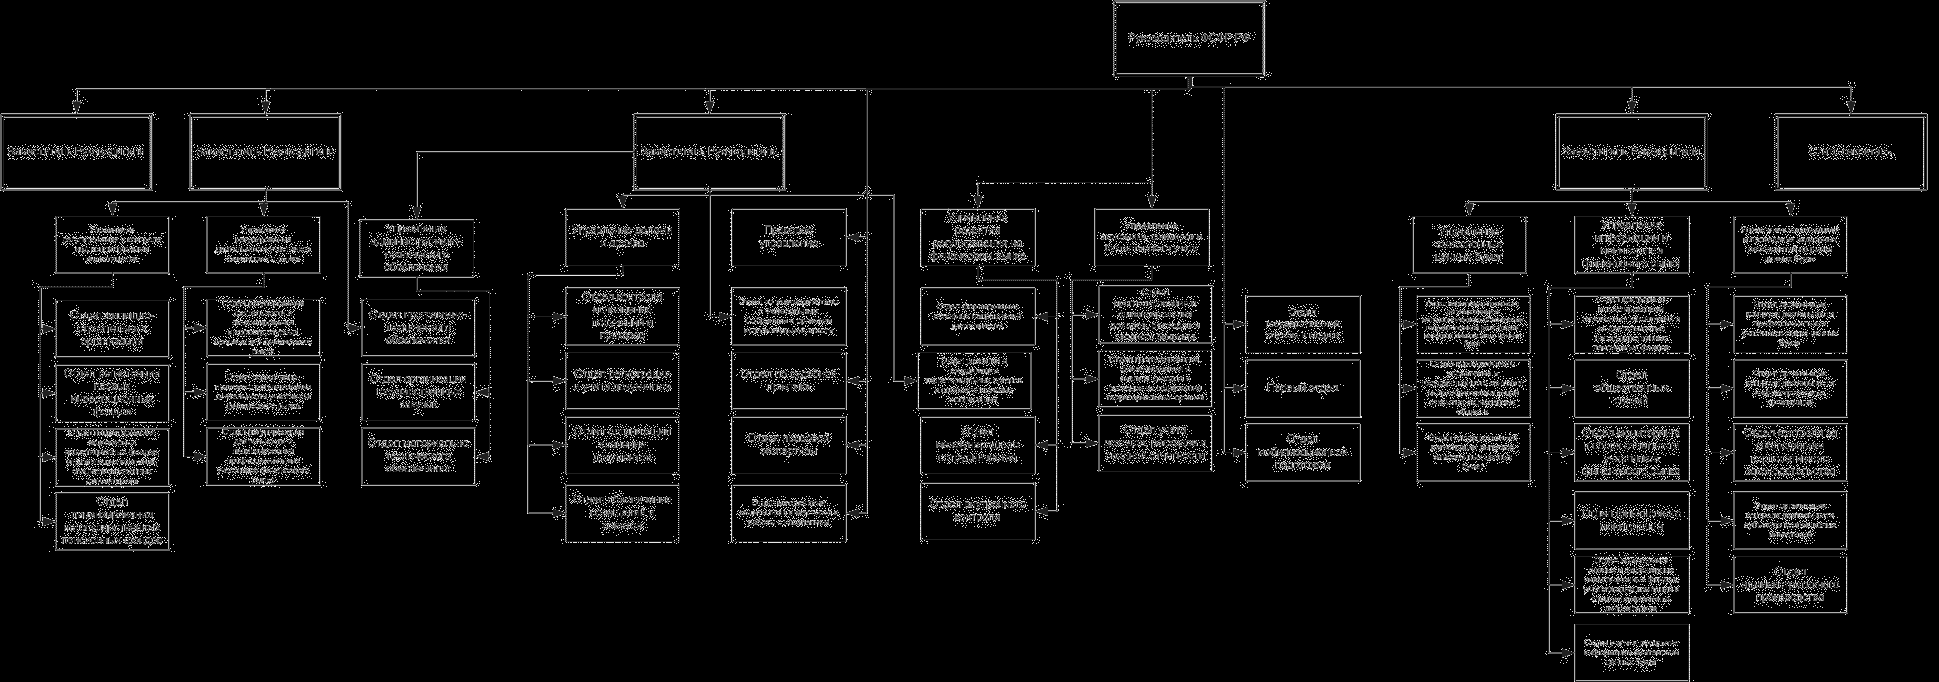 Структура пфр россии схема